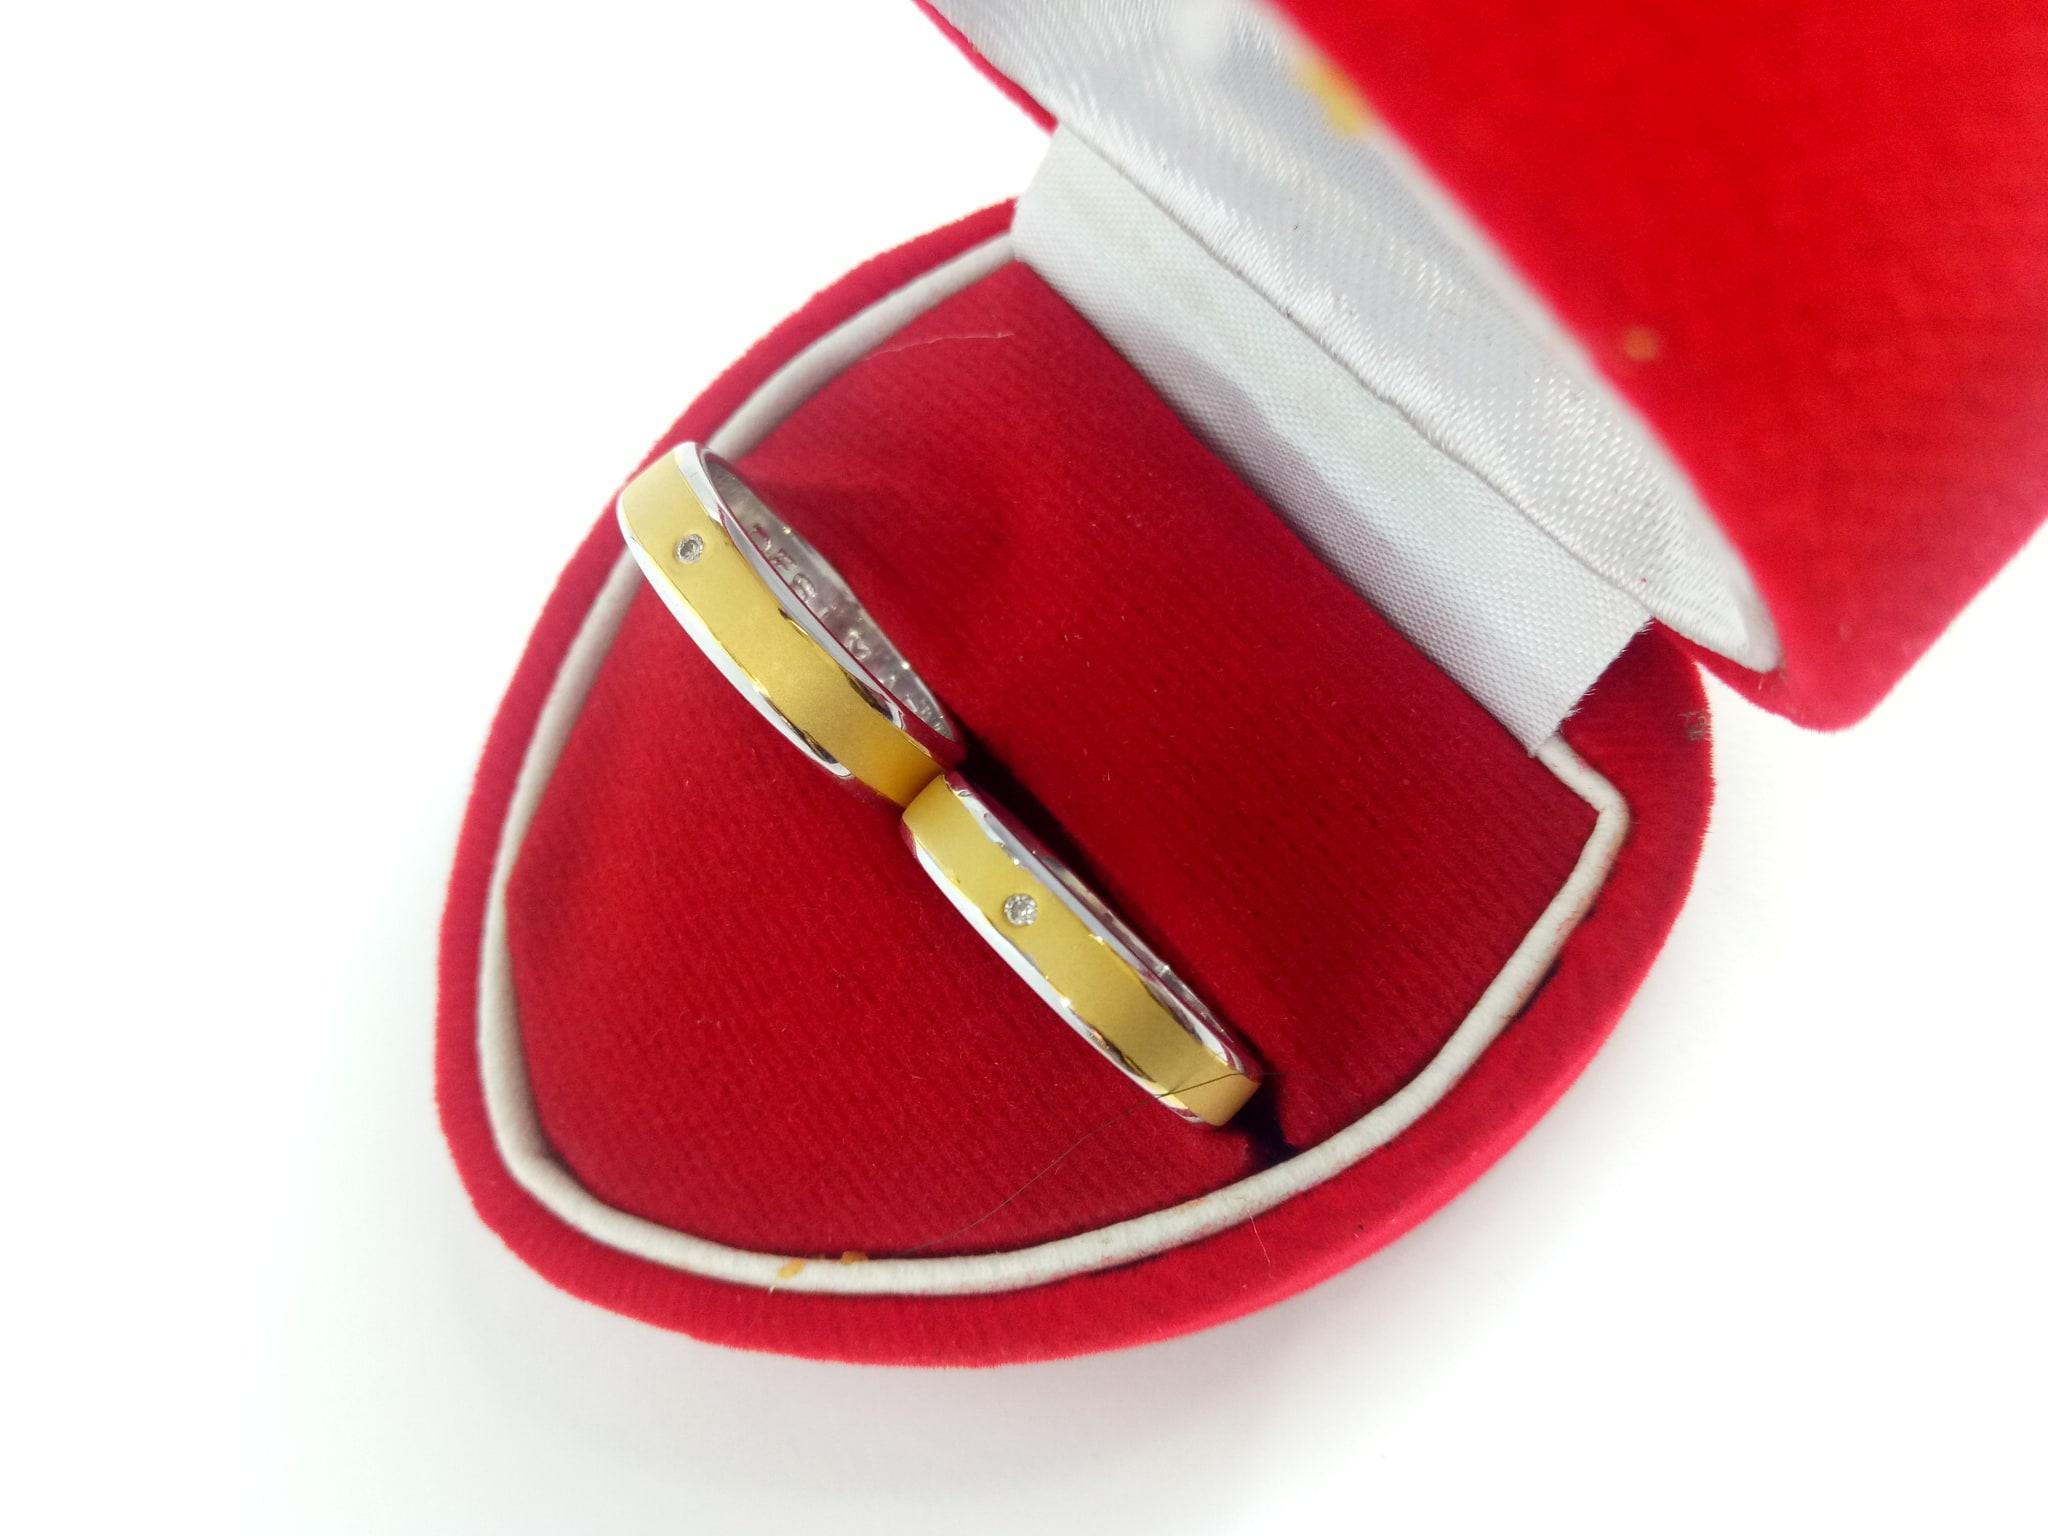 Fitur Cincin Kawin Tunangan Sepasang Couple Emas Putih Berlian Eropa Cr 2 Diamond